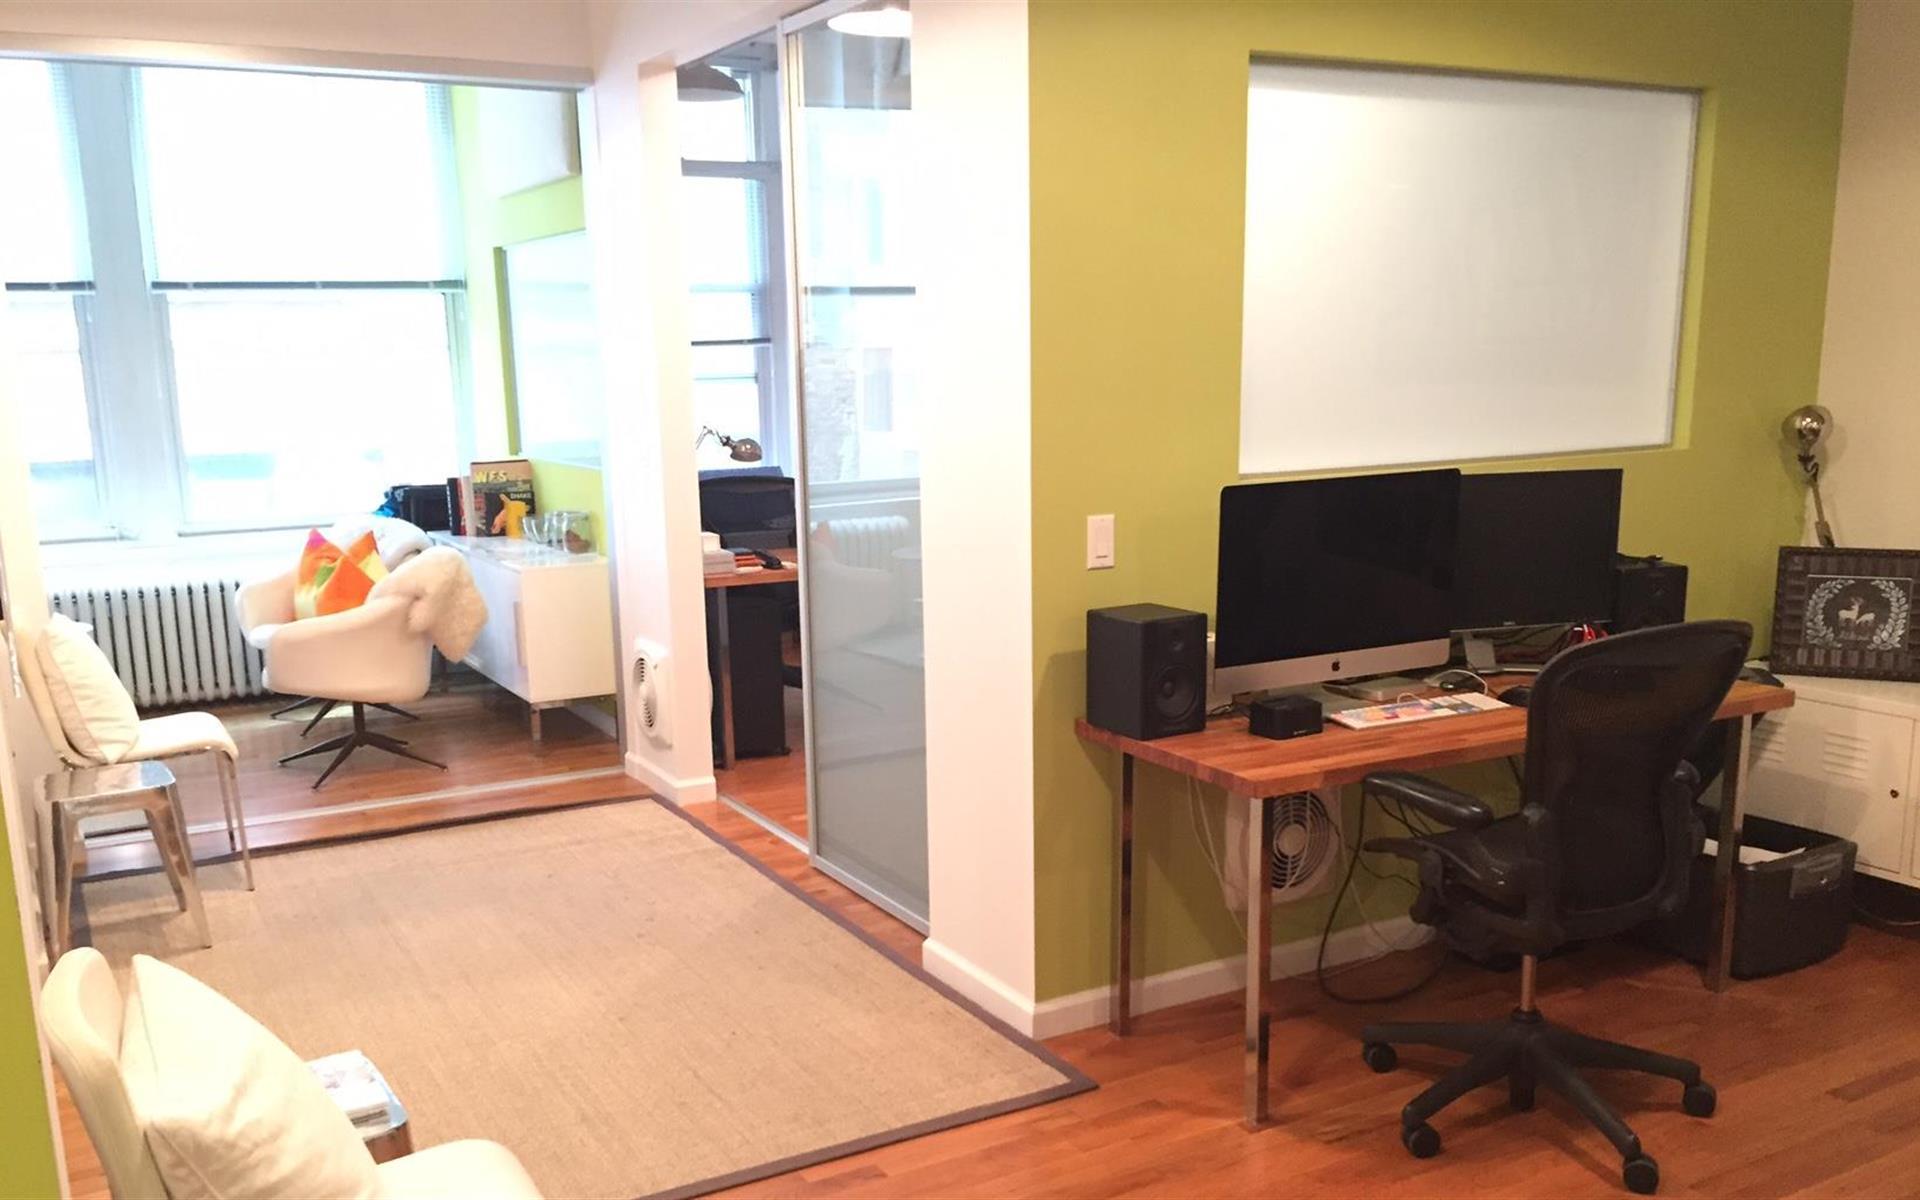 SWEET SADIE - Dedicated Desk